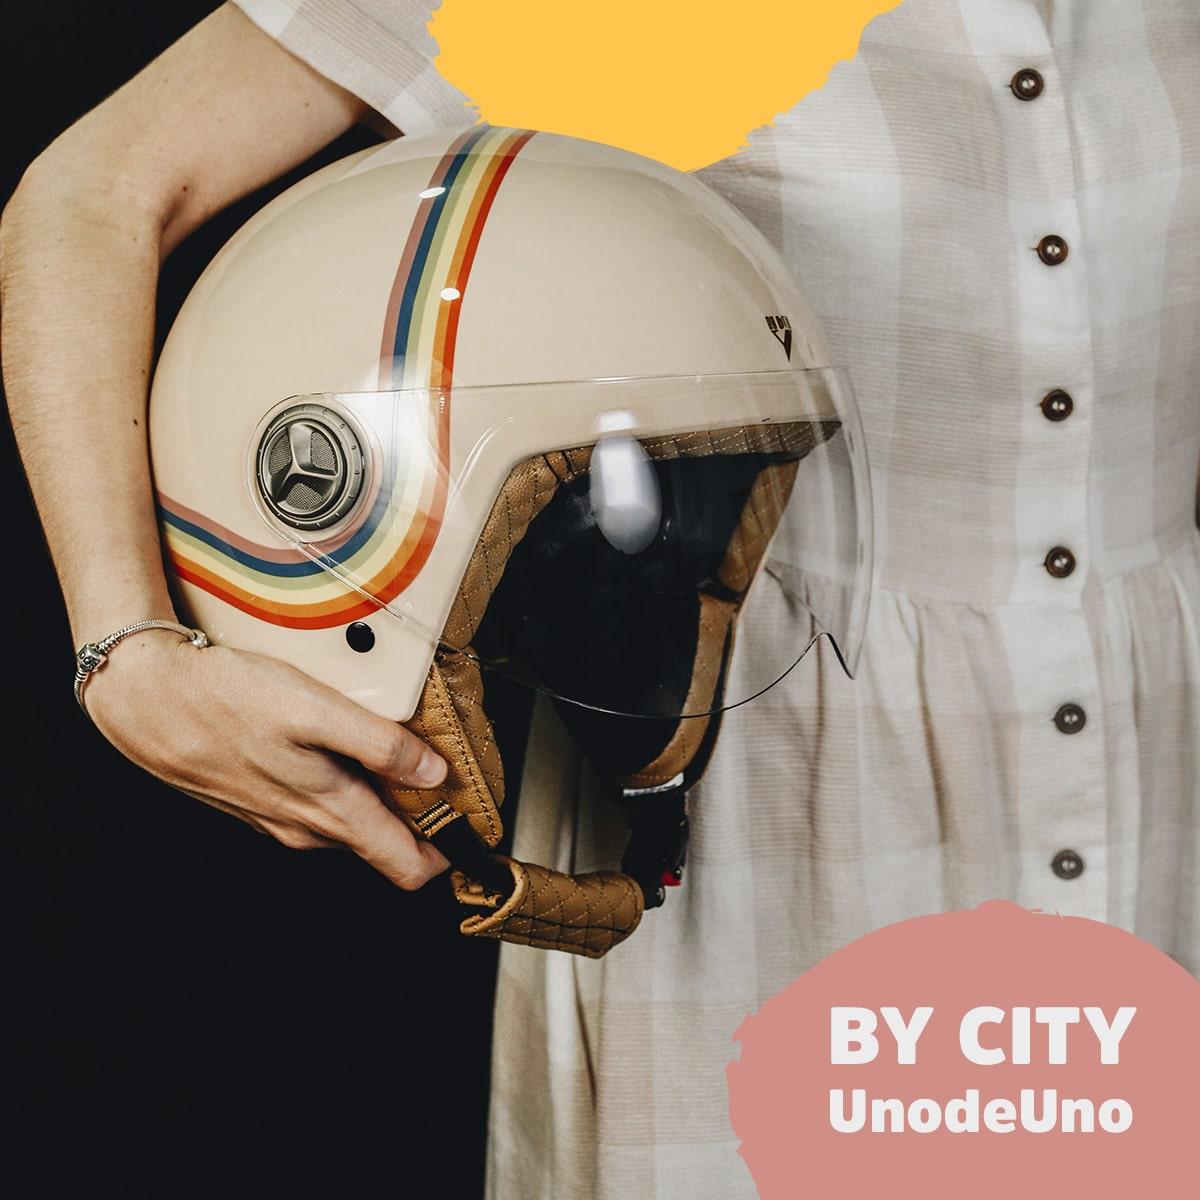 1de1: Si eres un amante del motor, conoce a By City